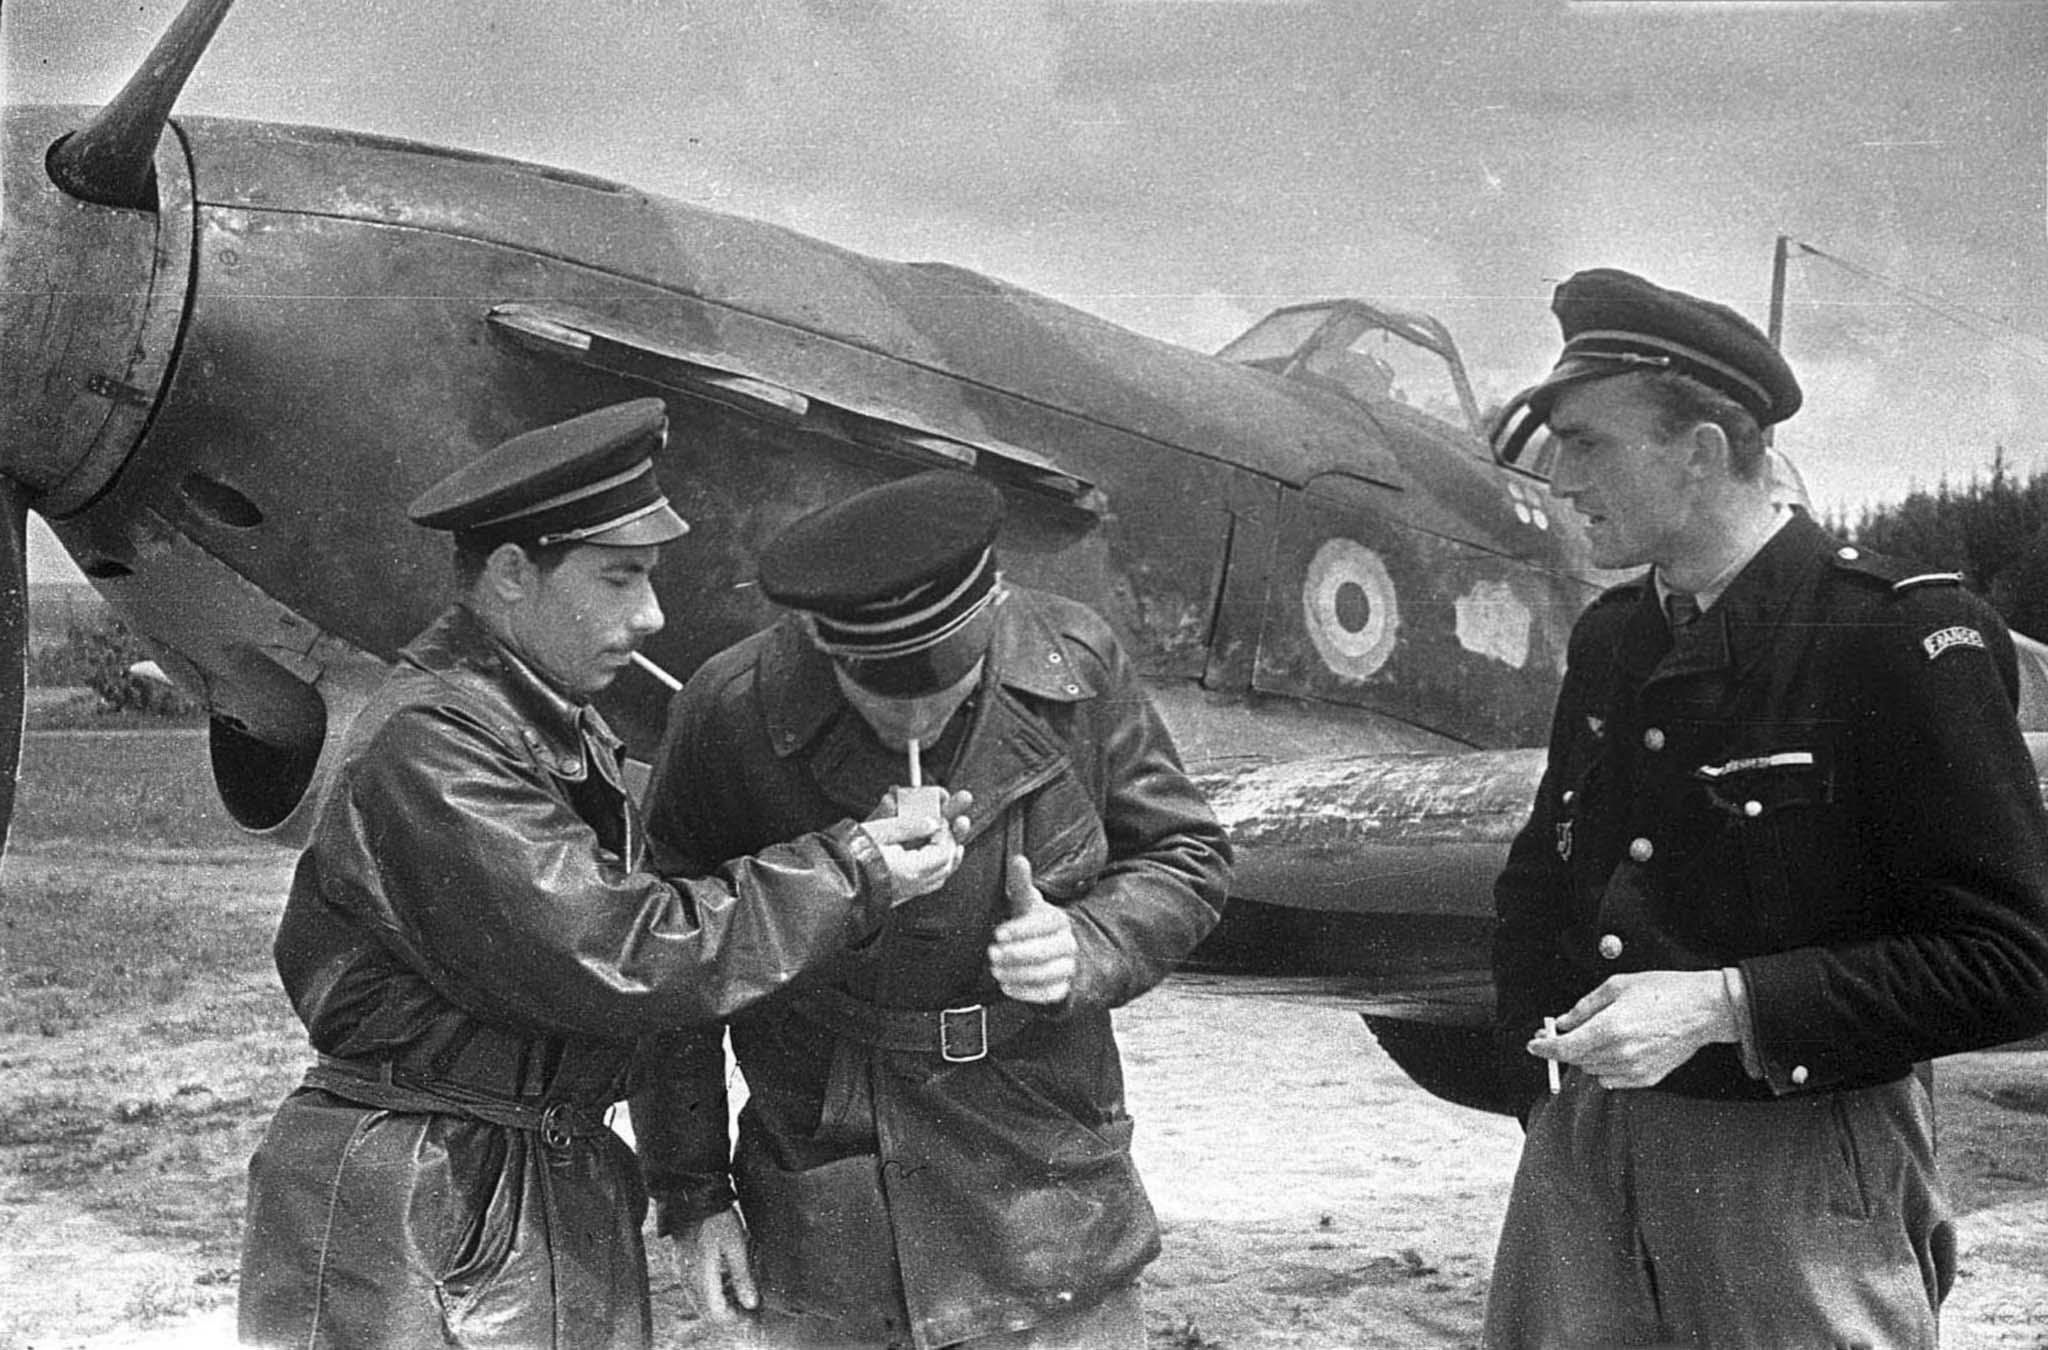 Фото «Нормандия — Неман» из Российского государственного архива кинофотодокументов